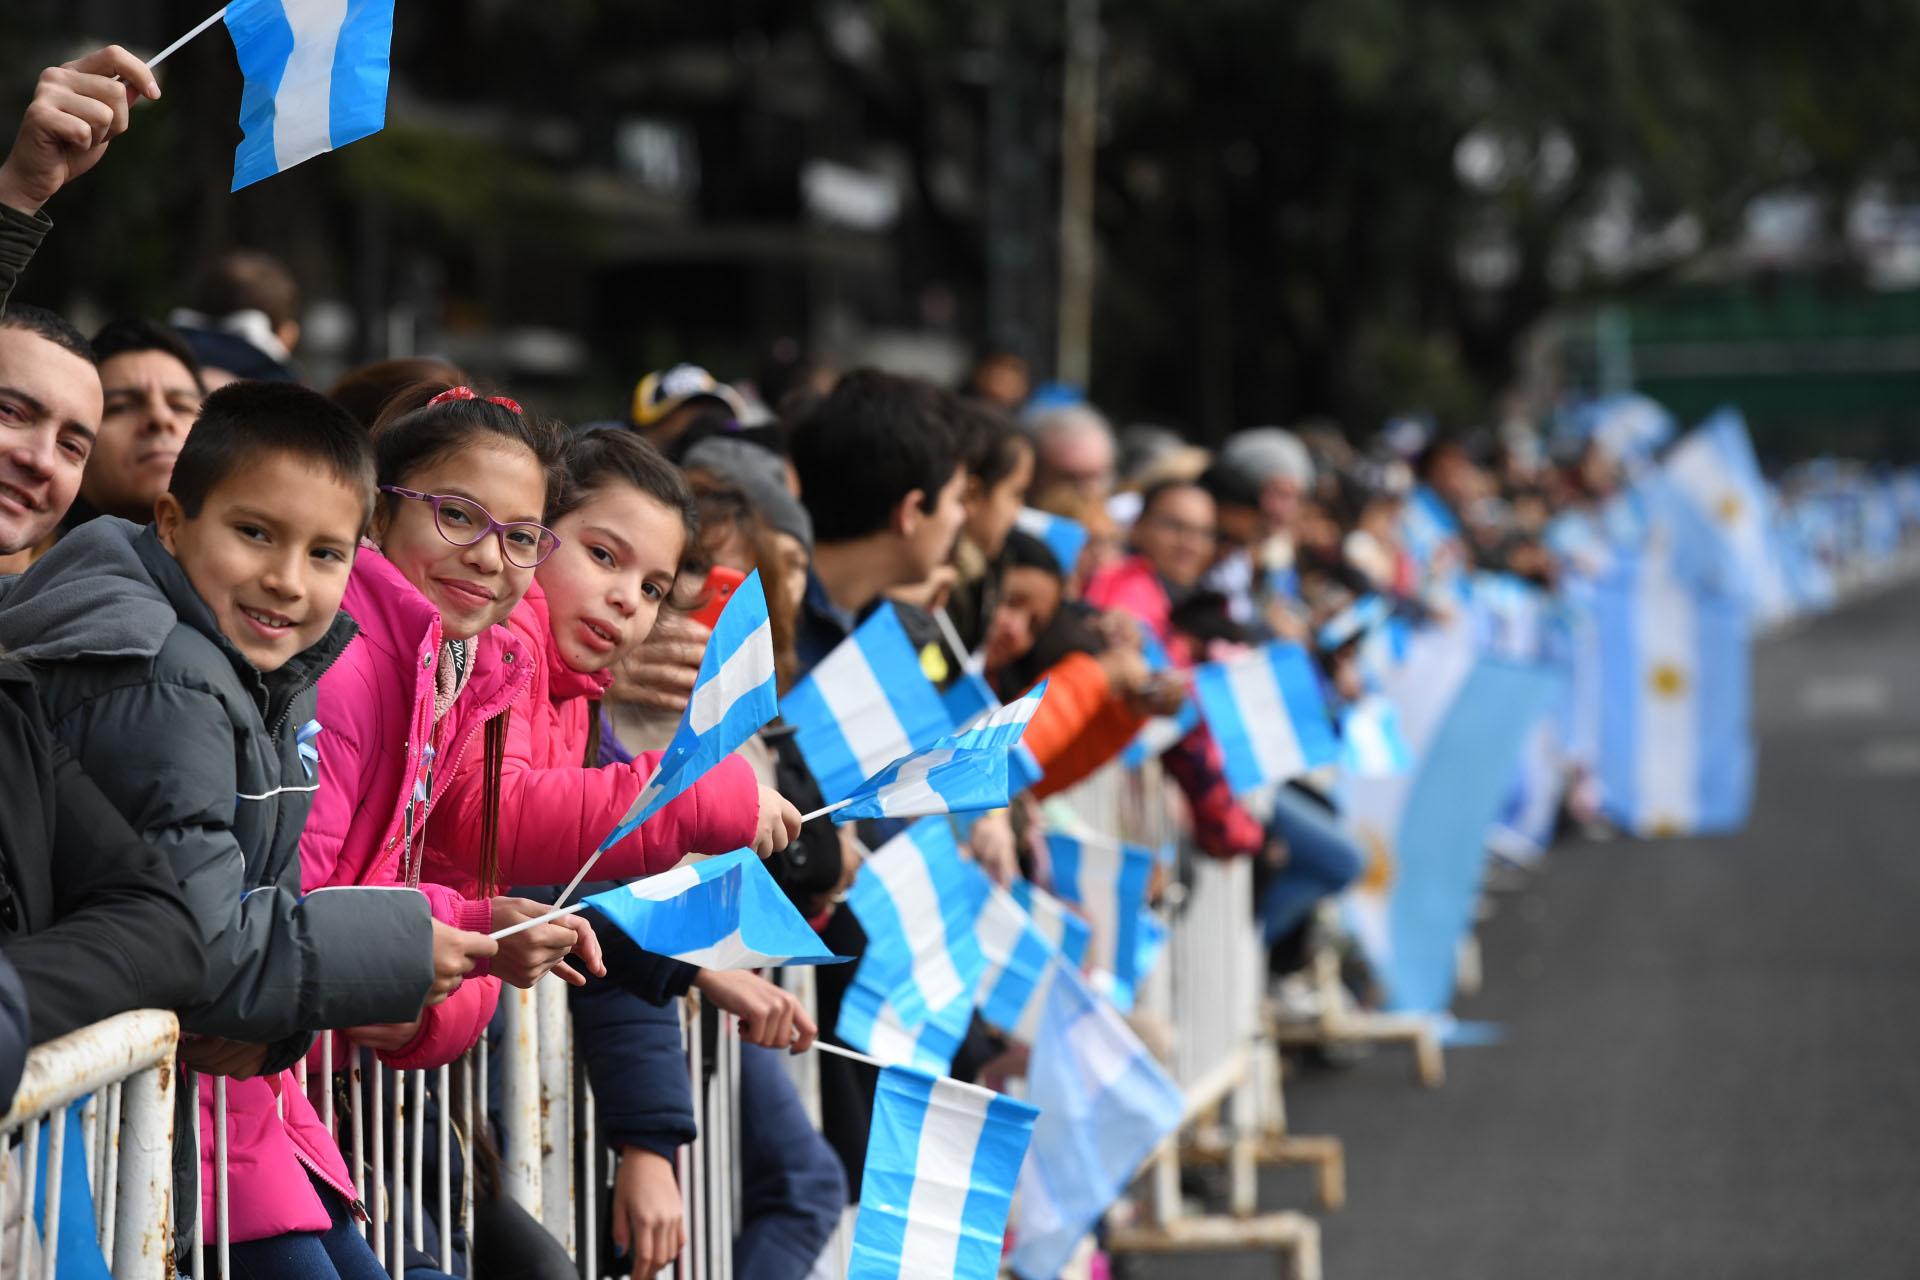 El desfile militar por el 9 de julio llegó a las calles de Palermo y despertó mucho interés